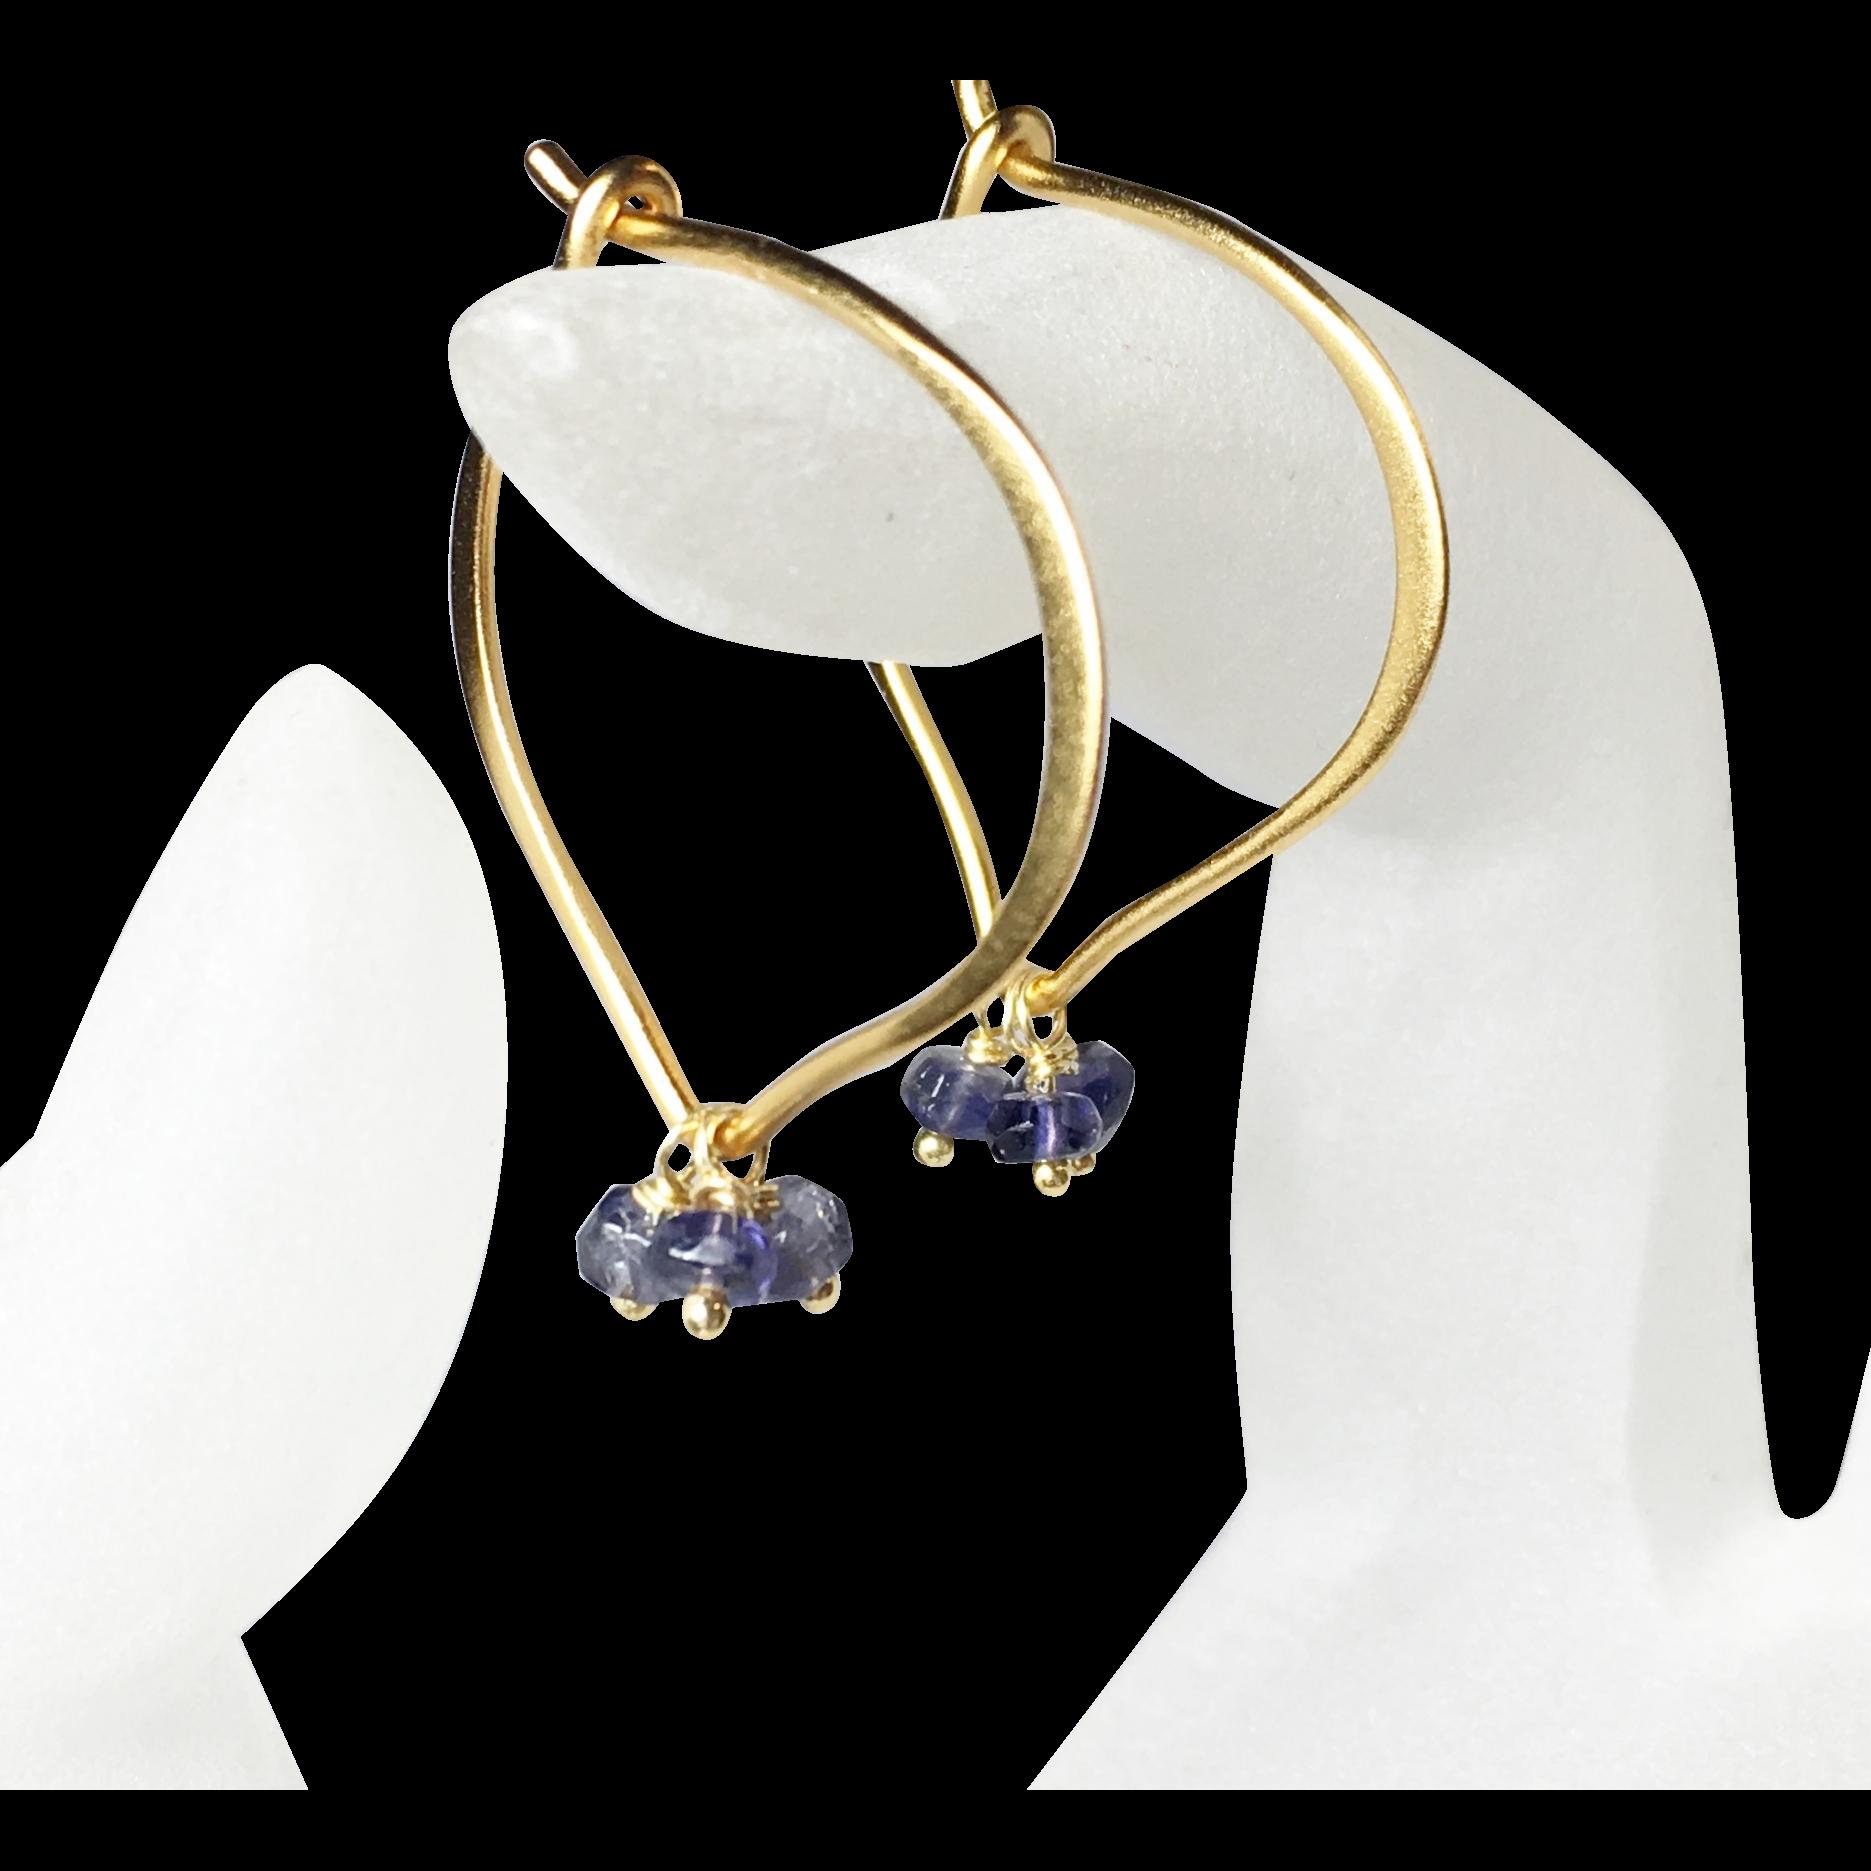 Medium Iolite Hoop Earrings, Gemstone Lotus Vermeil Ear Wires